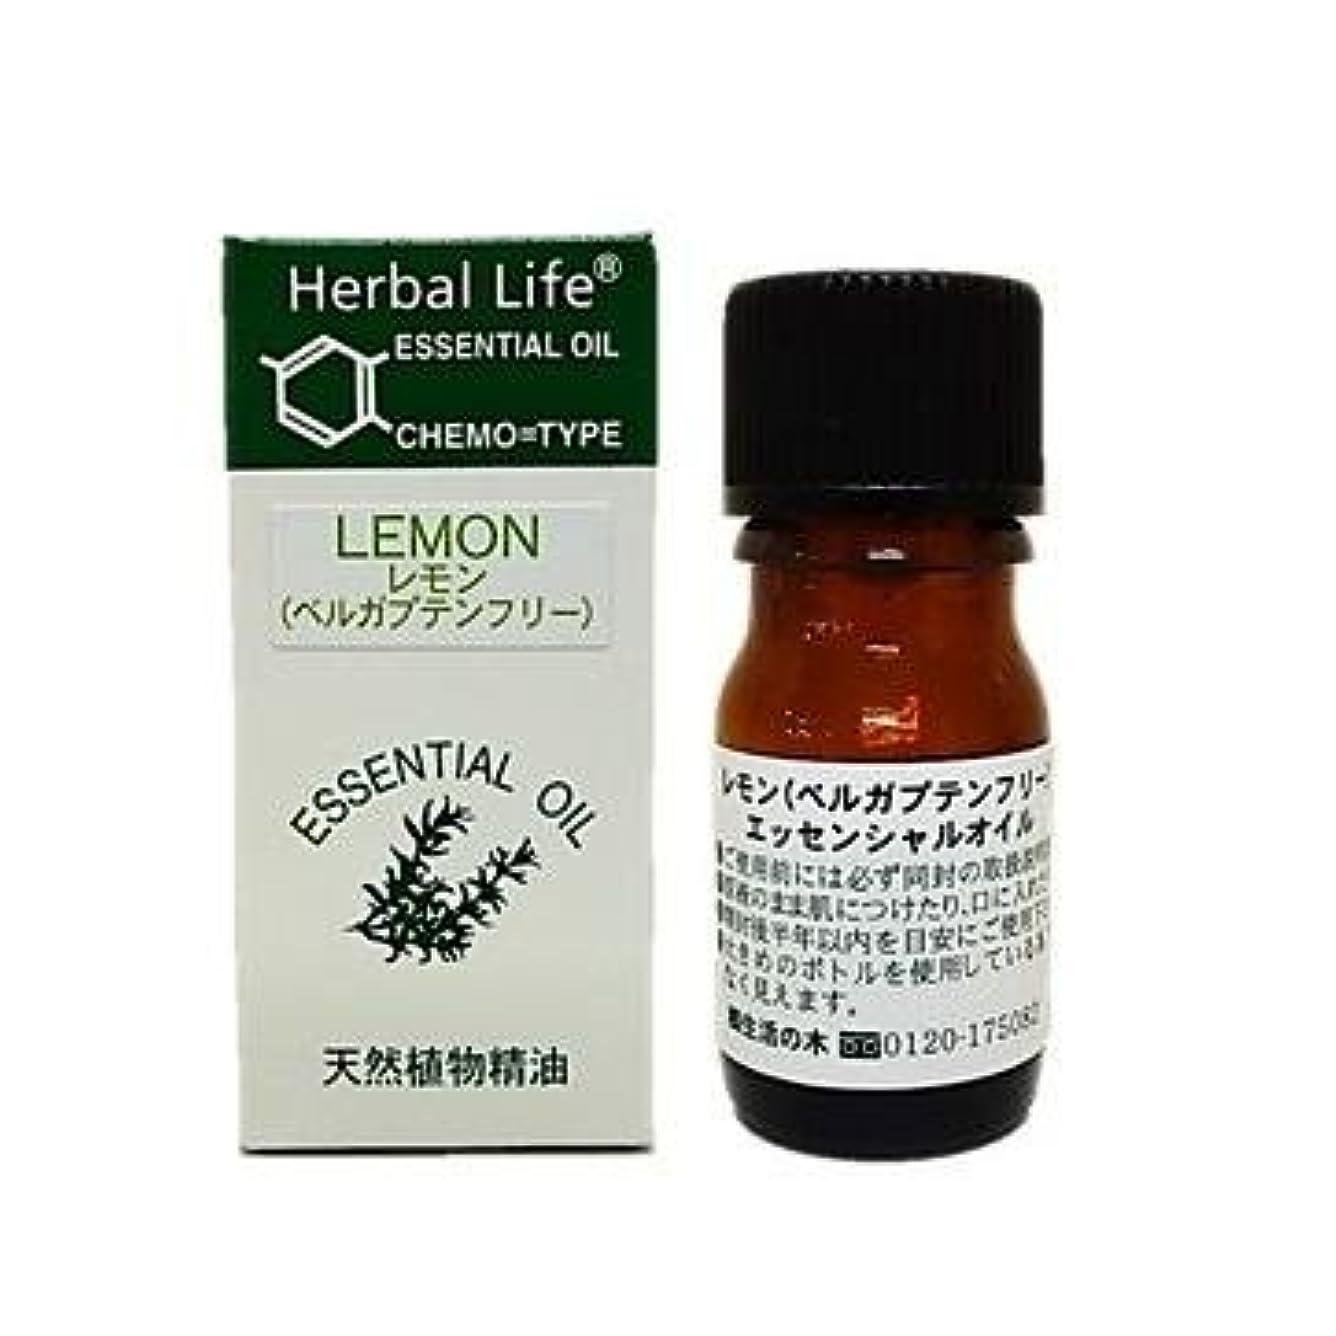 月曜日果てしない正確に生活の木 レモン(フロクマリンフリー)3ml エッセンシャルオイル/精油